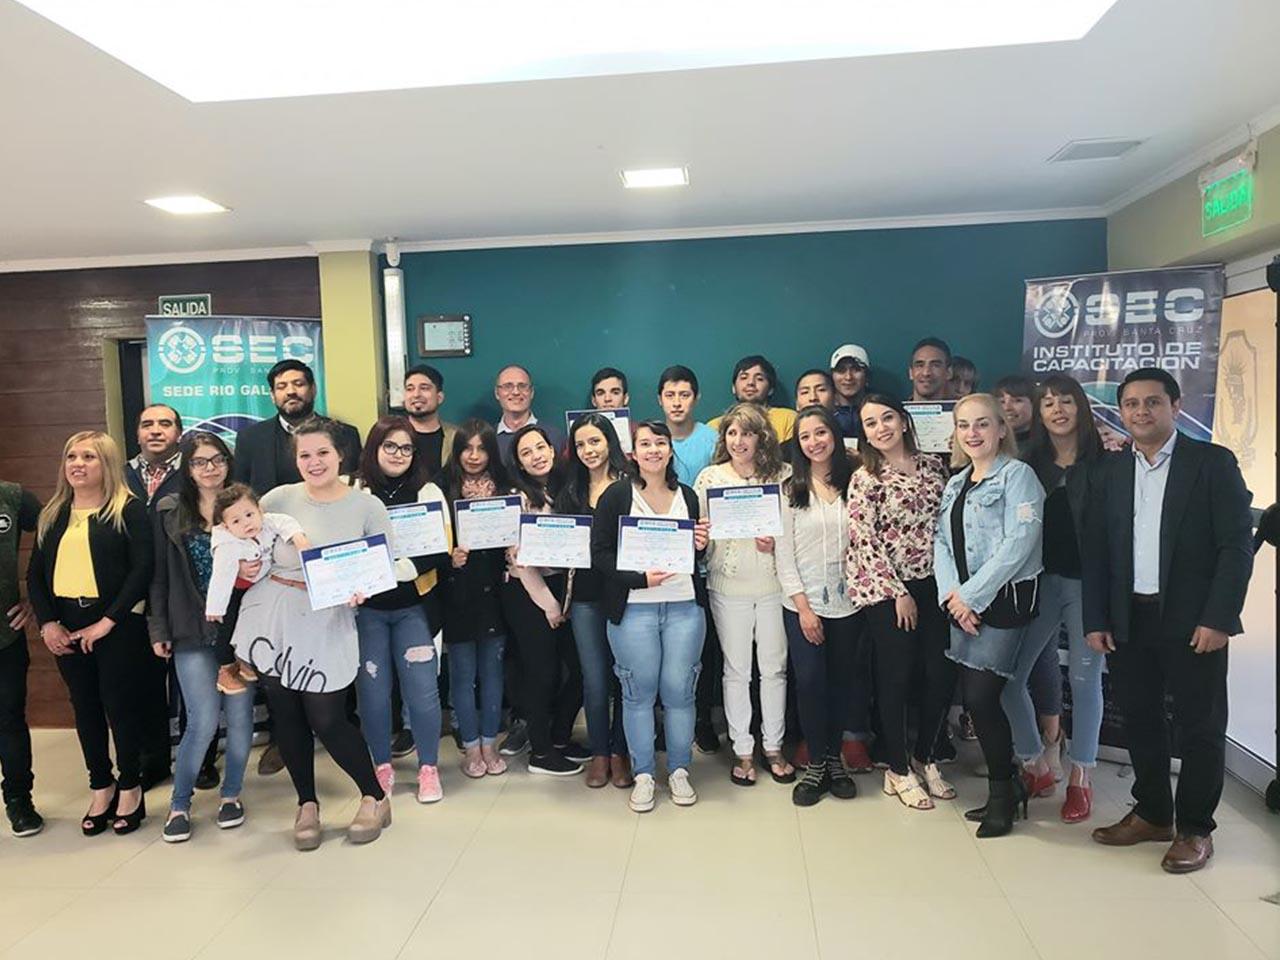 Entrega de Certificados Formación Profesional en El Calafate